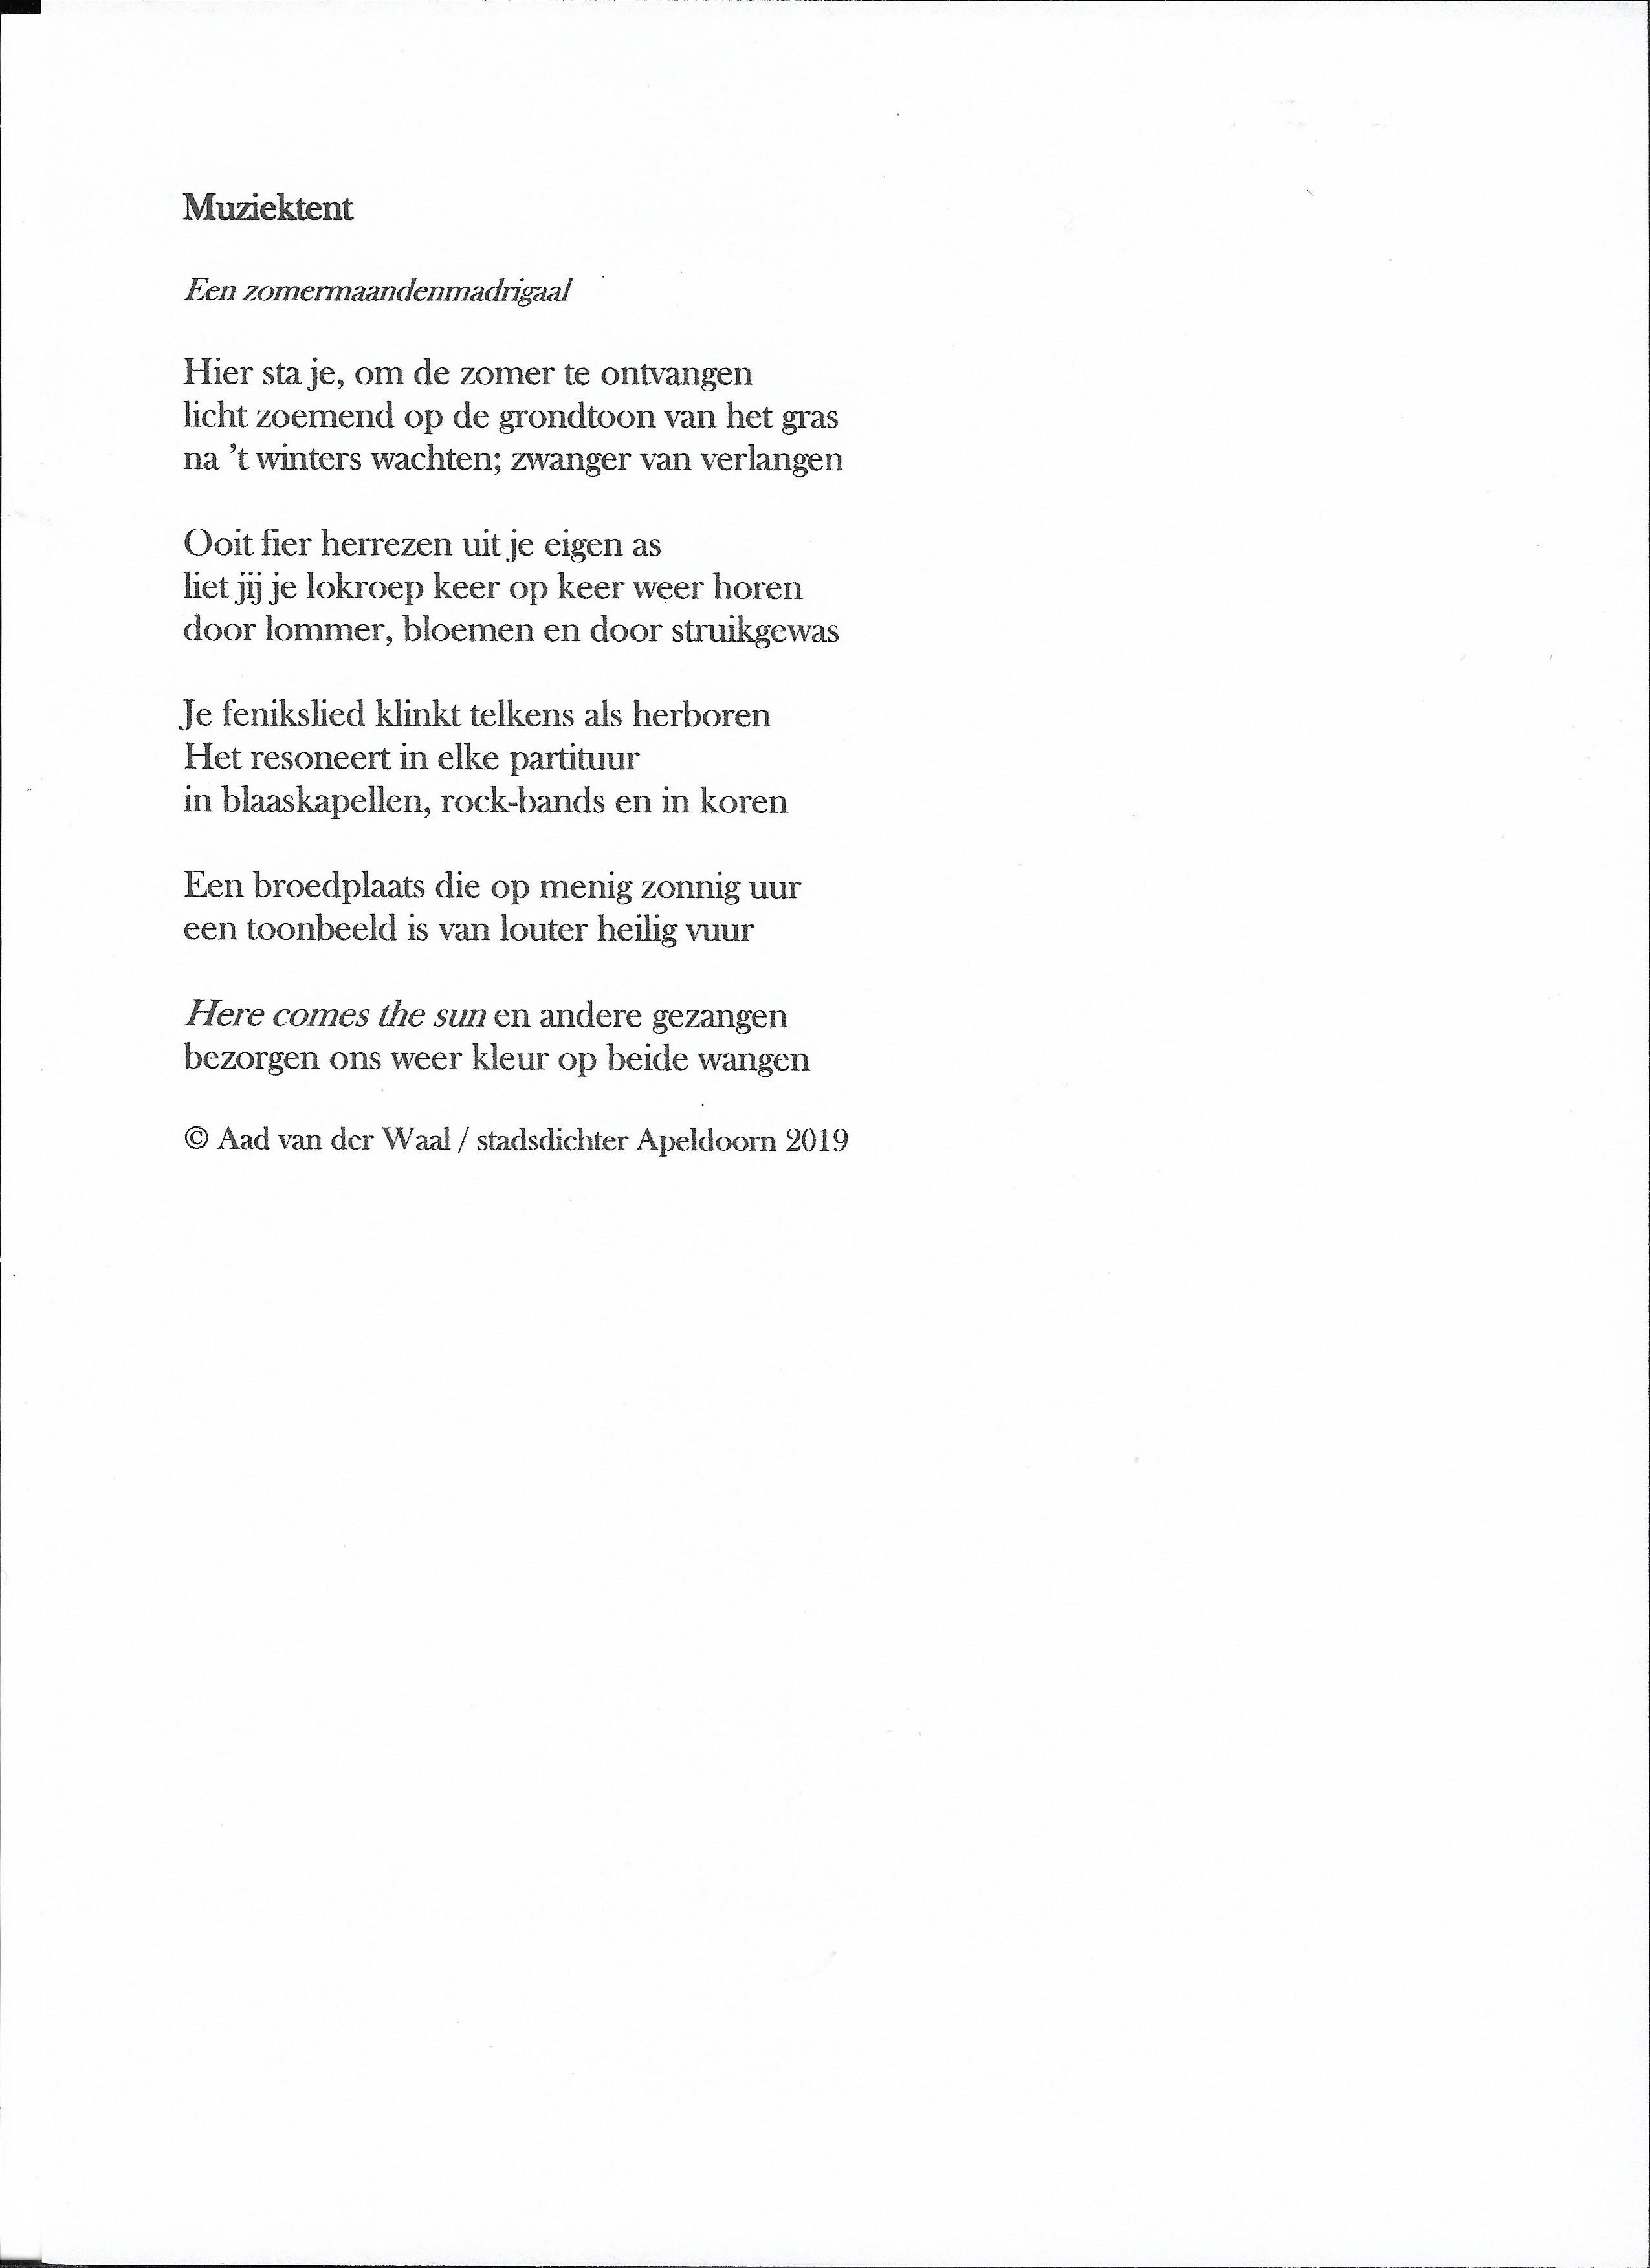 2019-05-21_150722 Gedicht Aad van der Waal